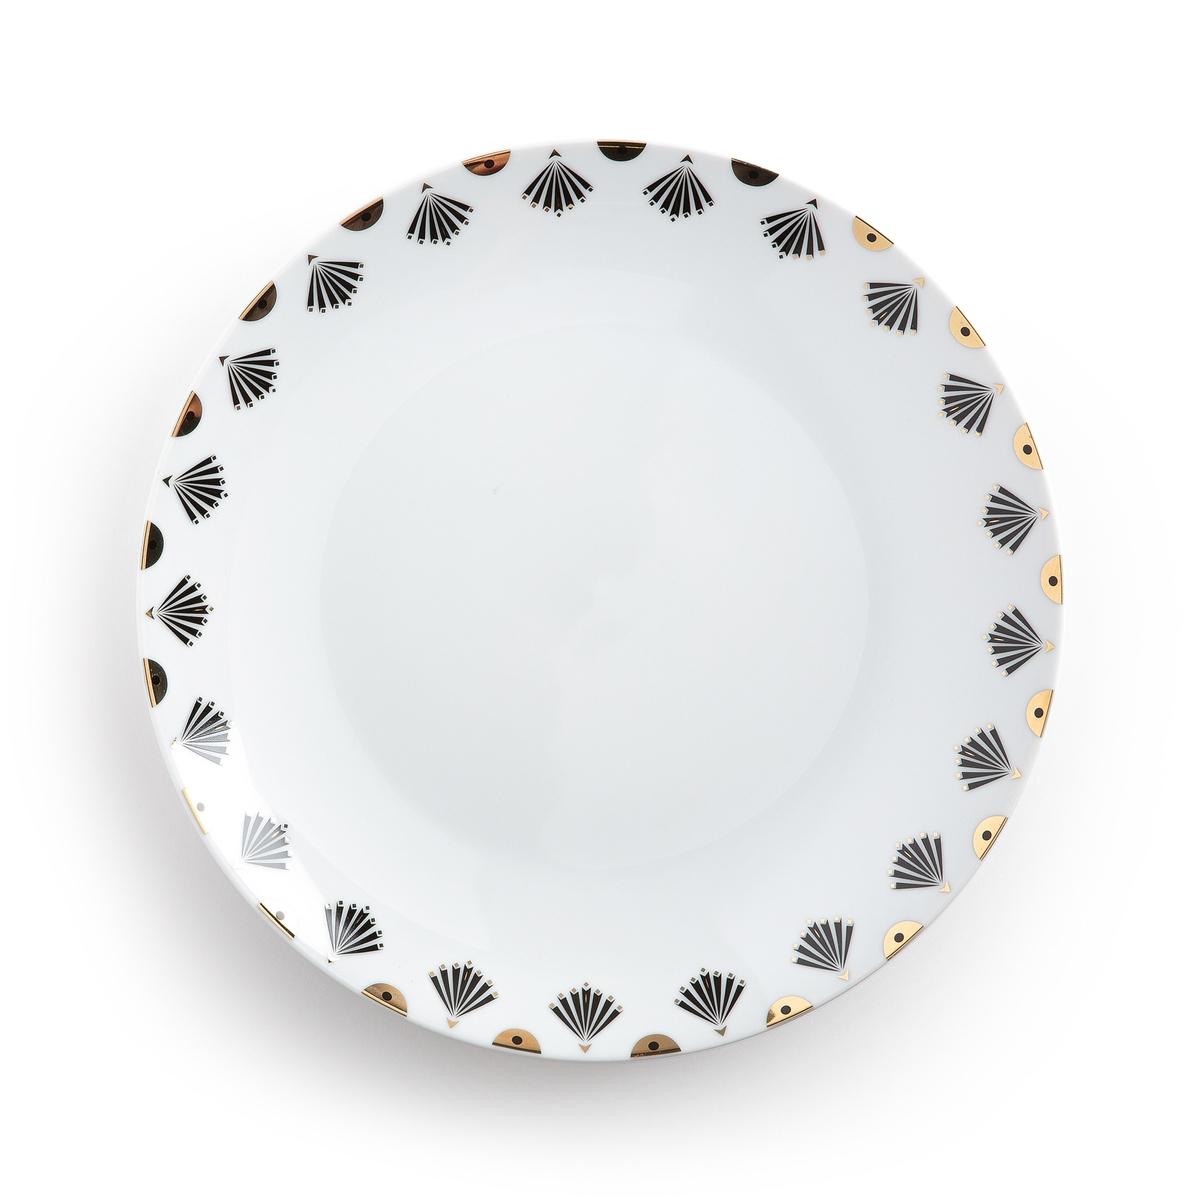 4 тарелки плоские MELLAHОписание:4 тарелки плоские Mellah. Тарелки Mellah из красивого белого фарфора придадут изысканность на вашем столе.Характеристики 4 плоских тарелок Mellah :Фарфор с декором .Сундучок с 4 тарелками .Подходят для посудомоечной машины, не подходит для микроволновой печи   .Размеры 1 плоской тарелки Mellah  :Диаметр 26,7 см Найдите всю коллекцию Art de la table Mellah на сайте laredoute.ru.<br><br>Цвет: рисунок + белый